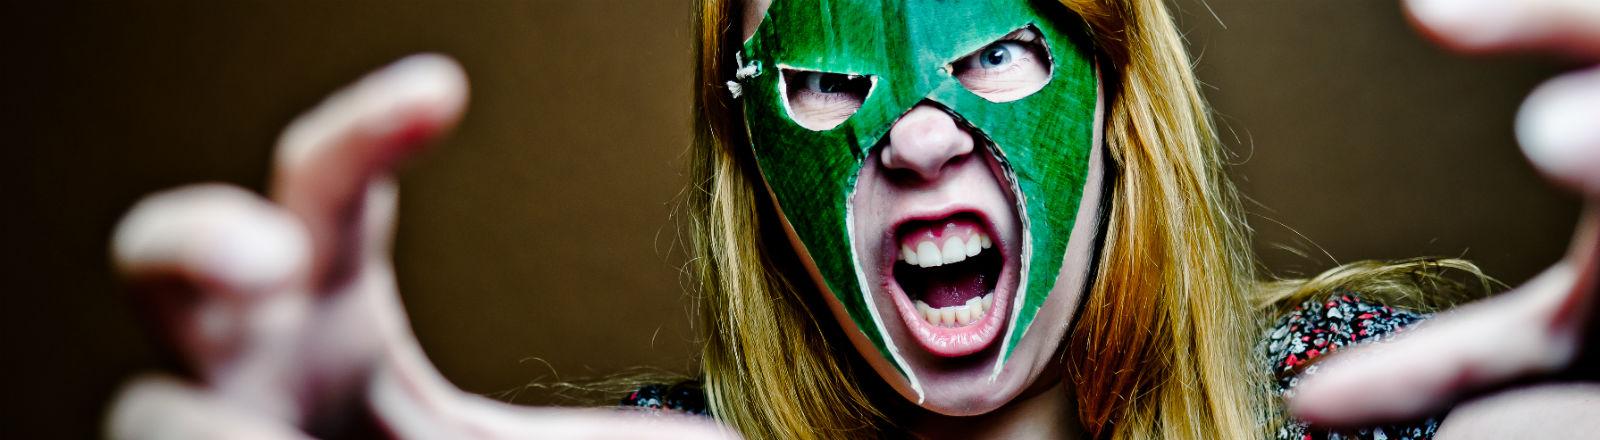 Eine junge Frau mit selbstgebastelter Maske versucht sich im Wrestling.